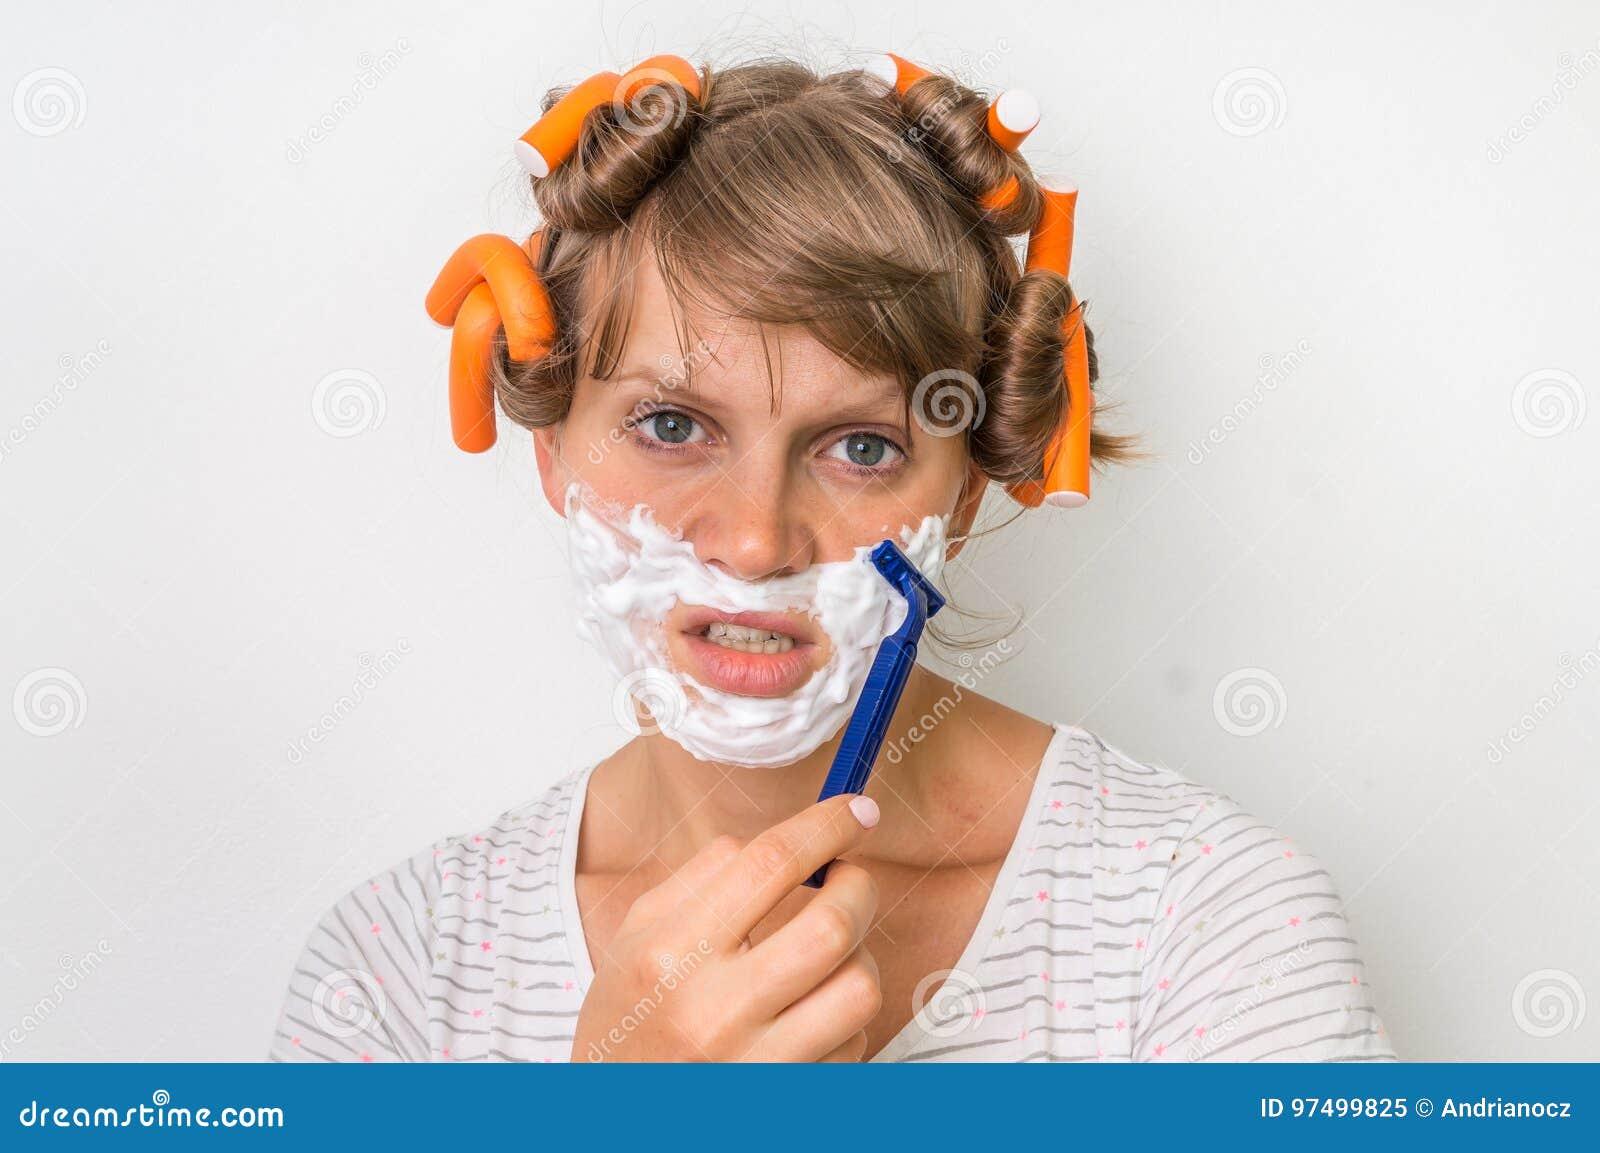 Junge Frau Rasiert Ihr Gesicht Mit Schaum Und Rasiermesser Stockbild